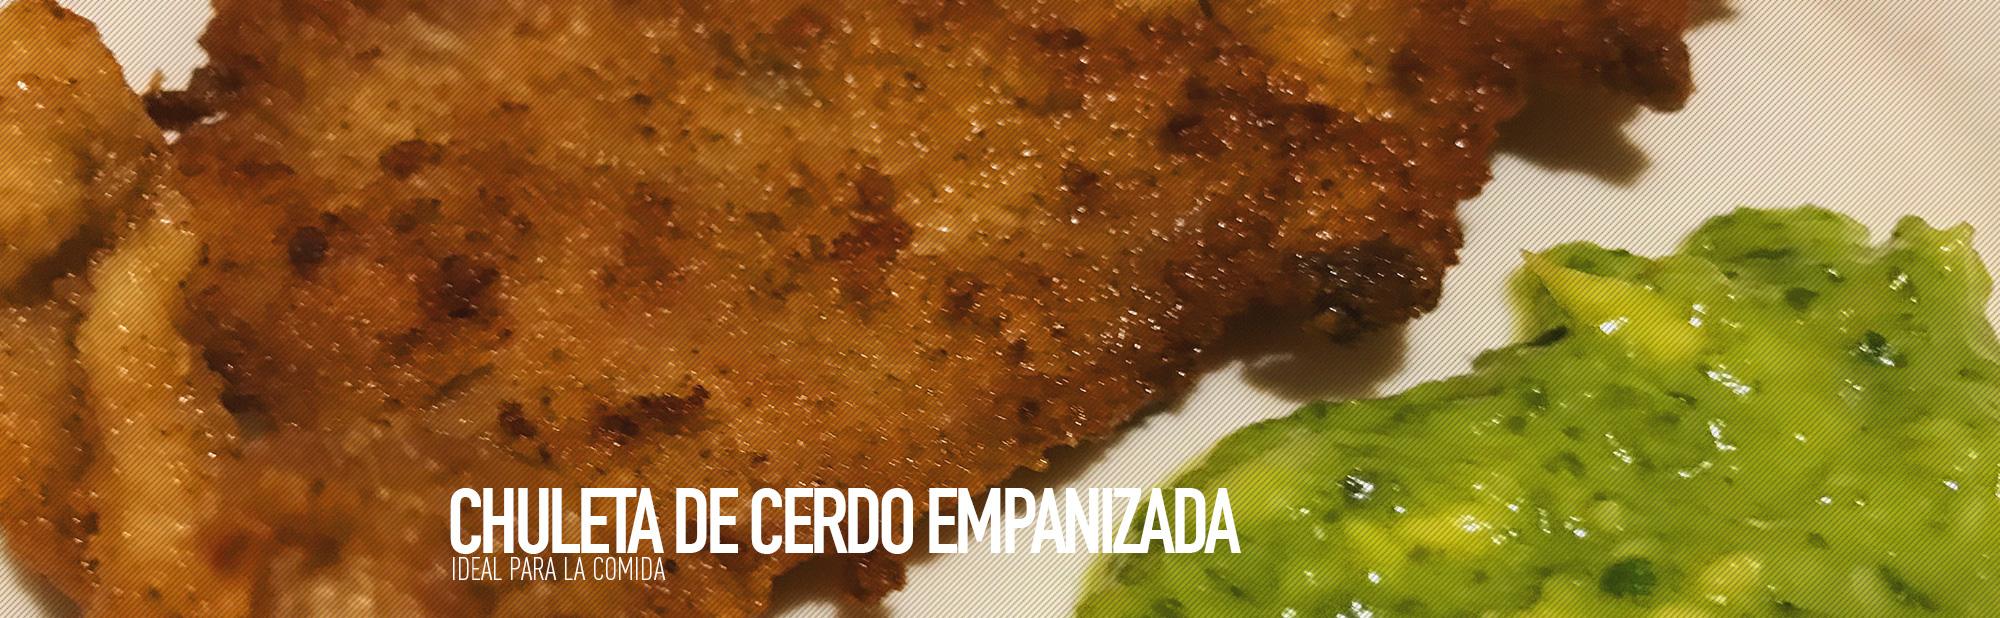 La Antojadera | Chuleta de Cerdo Empanizada